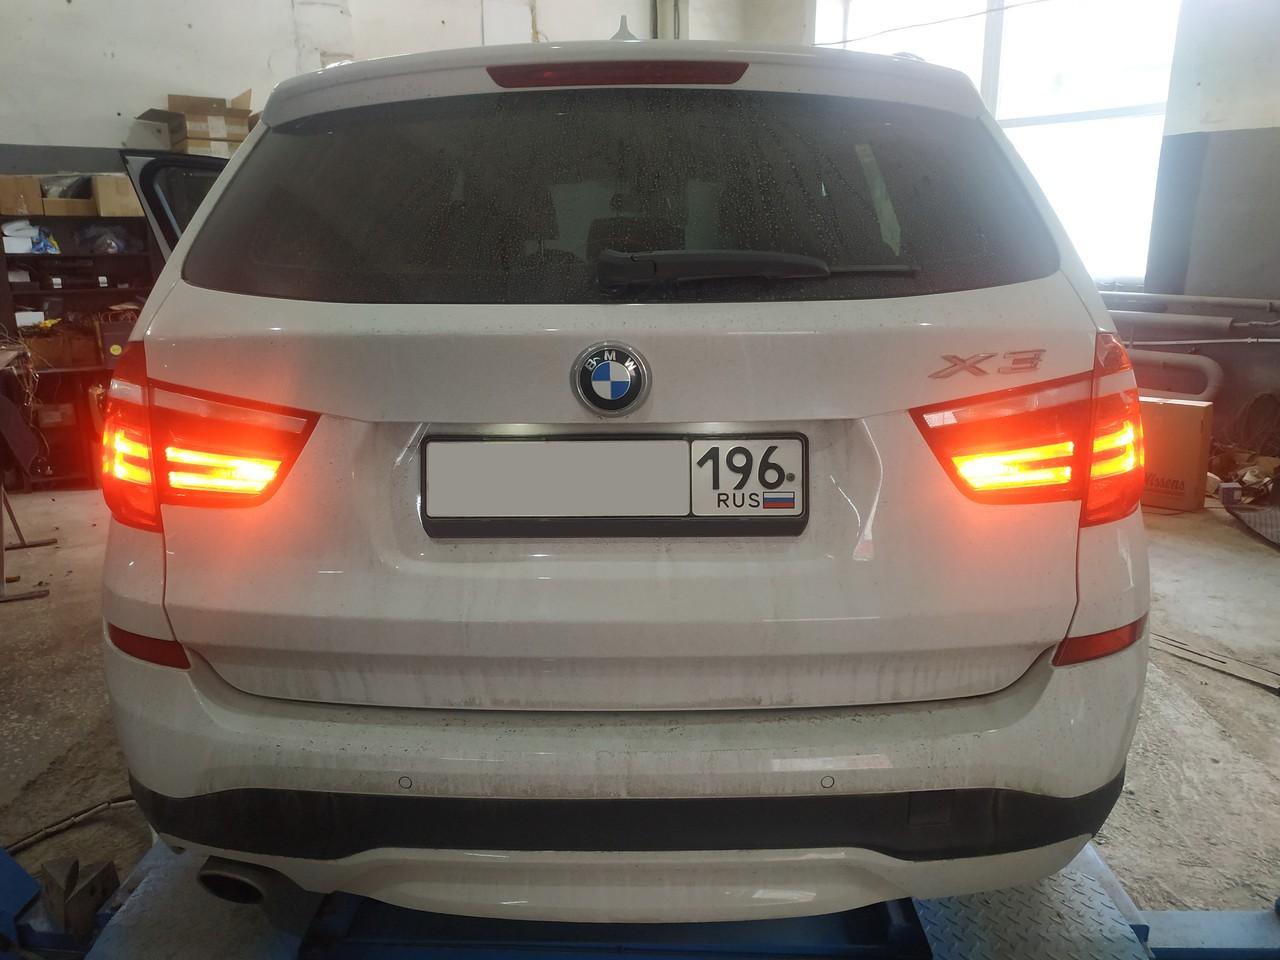 BMW X3 F25, задние фонари включены, габариты и противотуманки